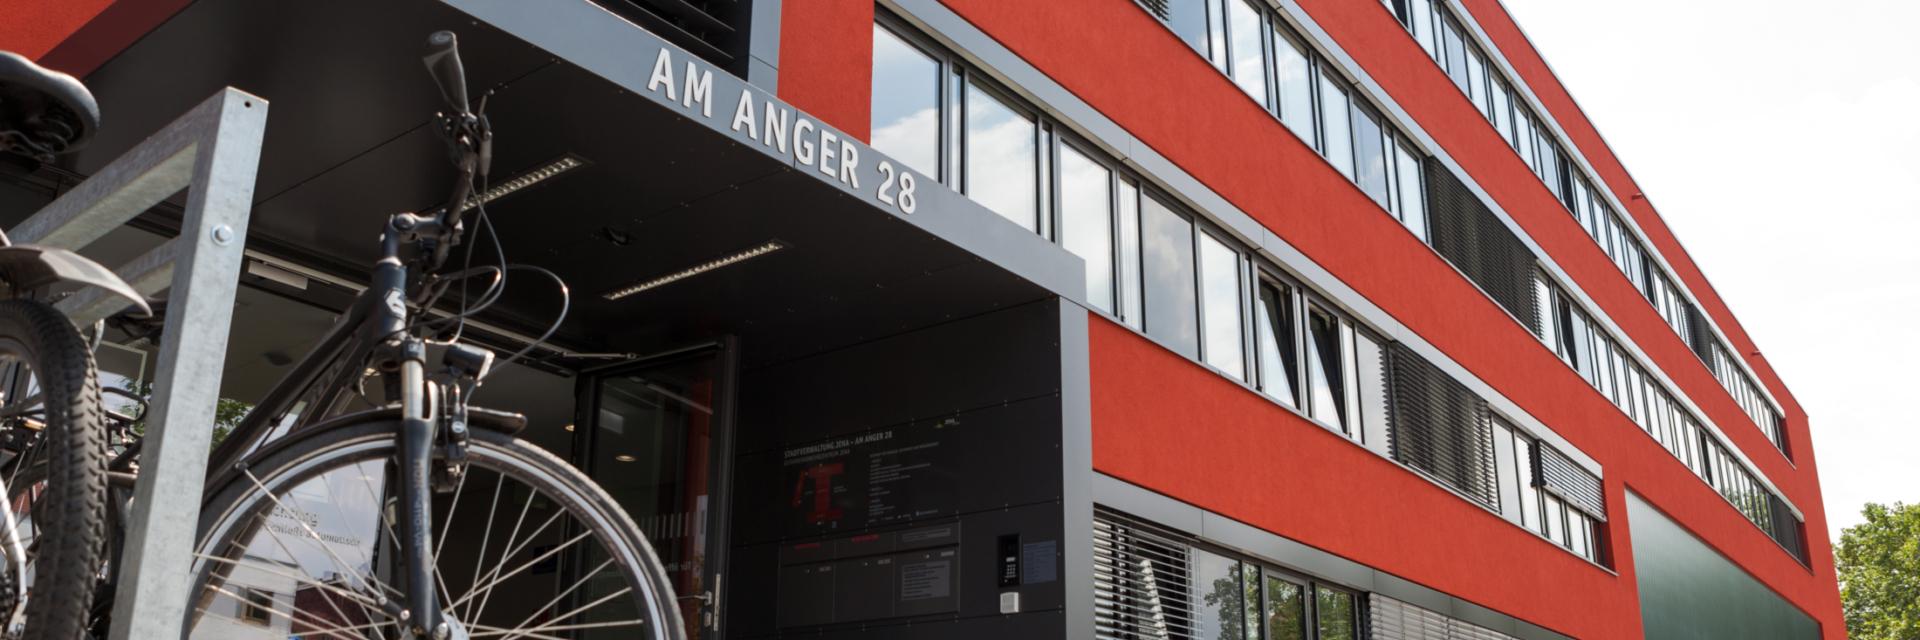 Außenansicht des Gefahrenabwehrzentrums - Ein wichtiger Ort für den Behördenwegweiser © Stadt Jena, Foto: Daniel Hering